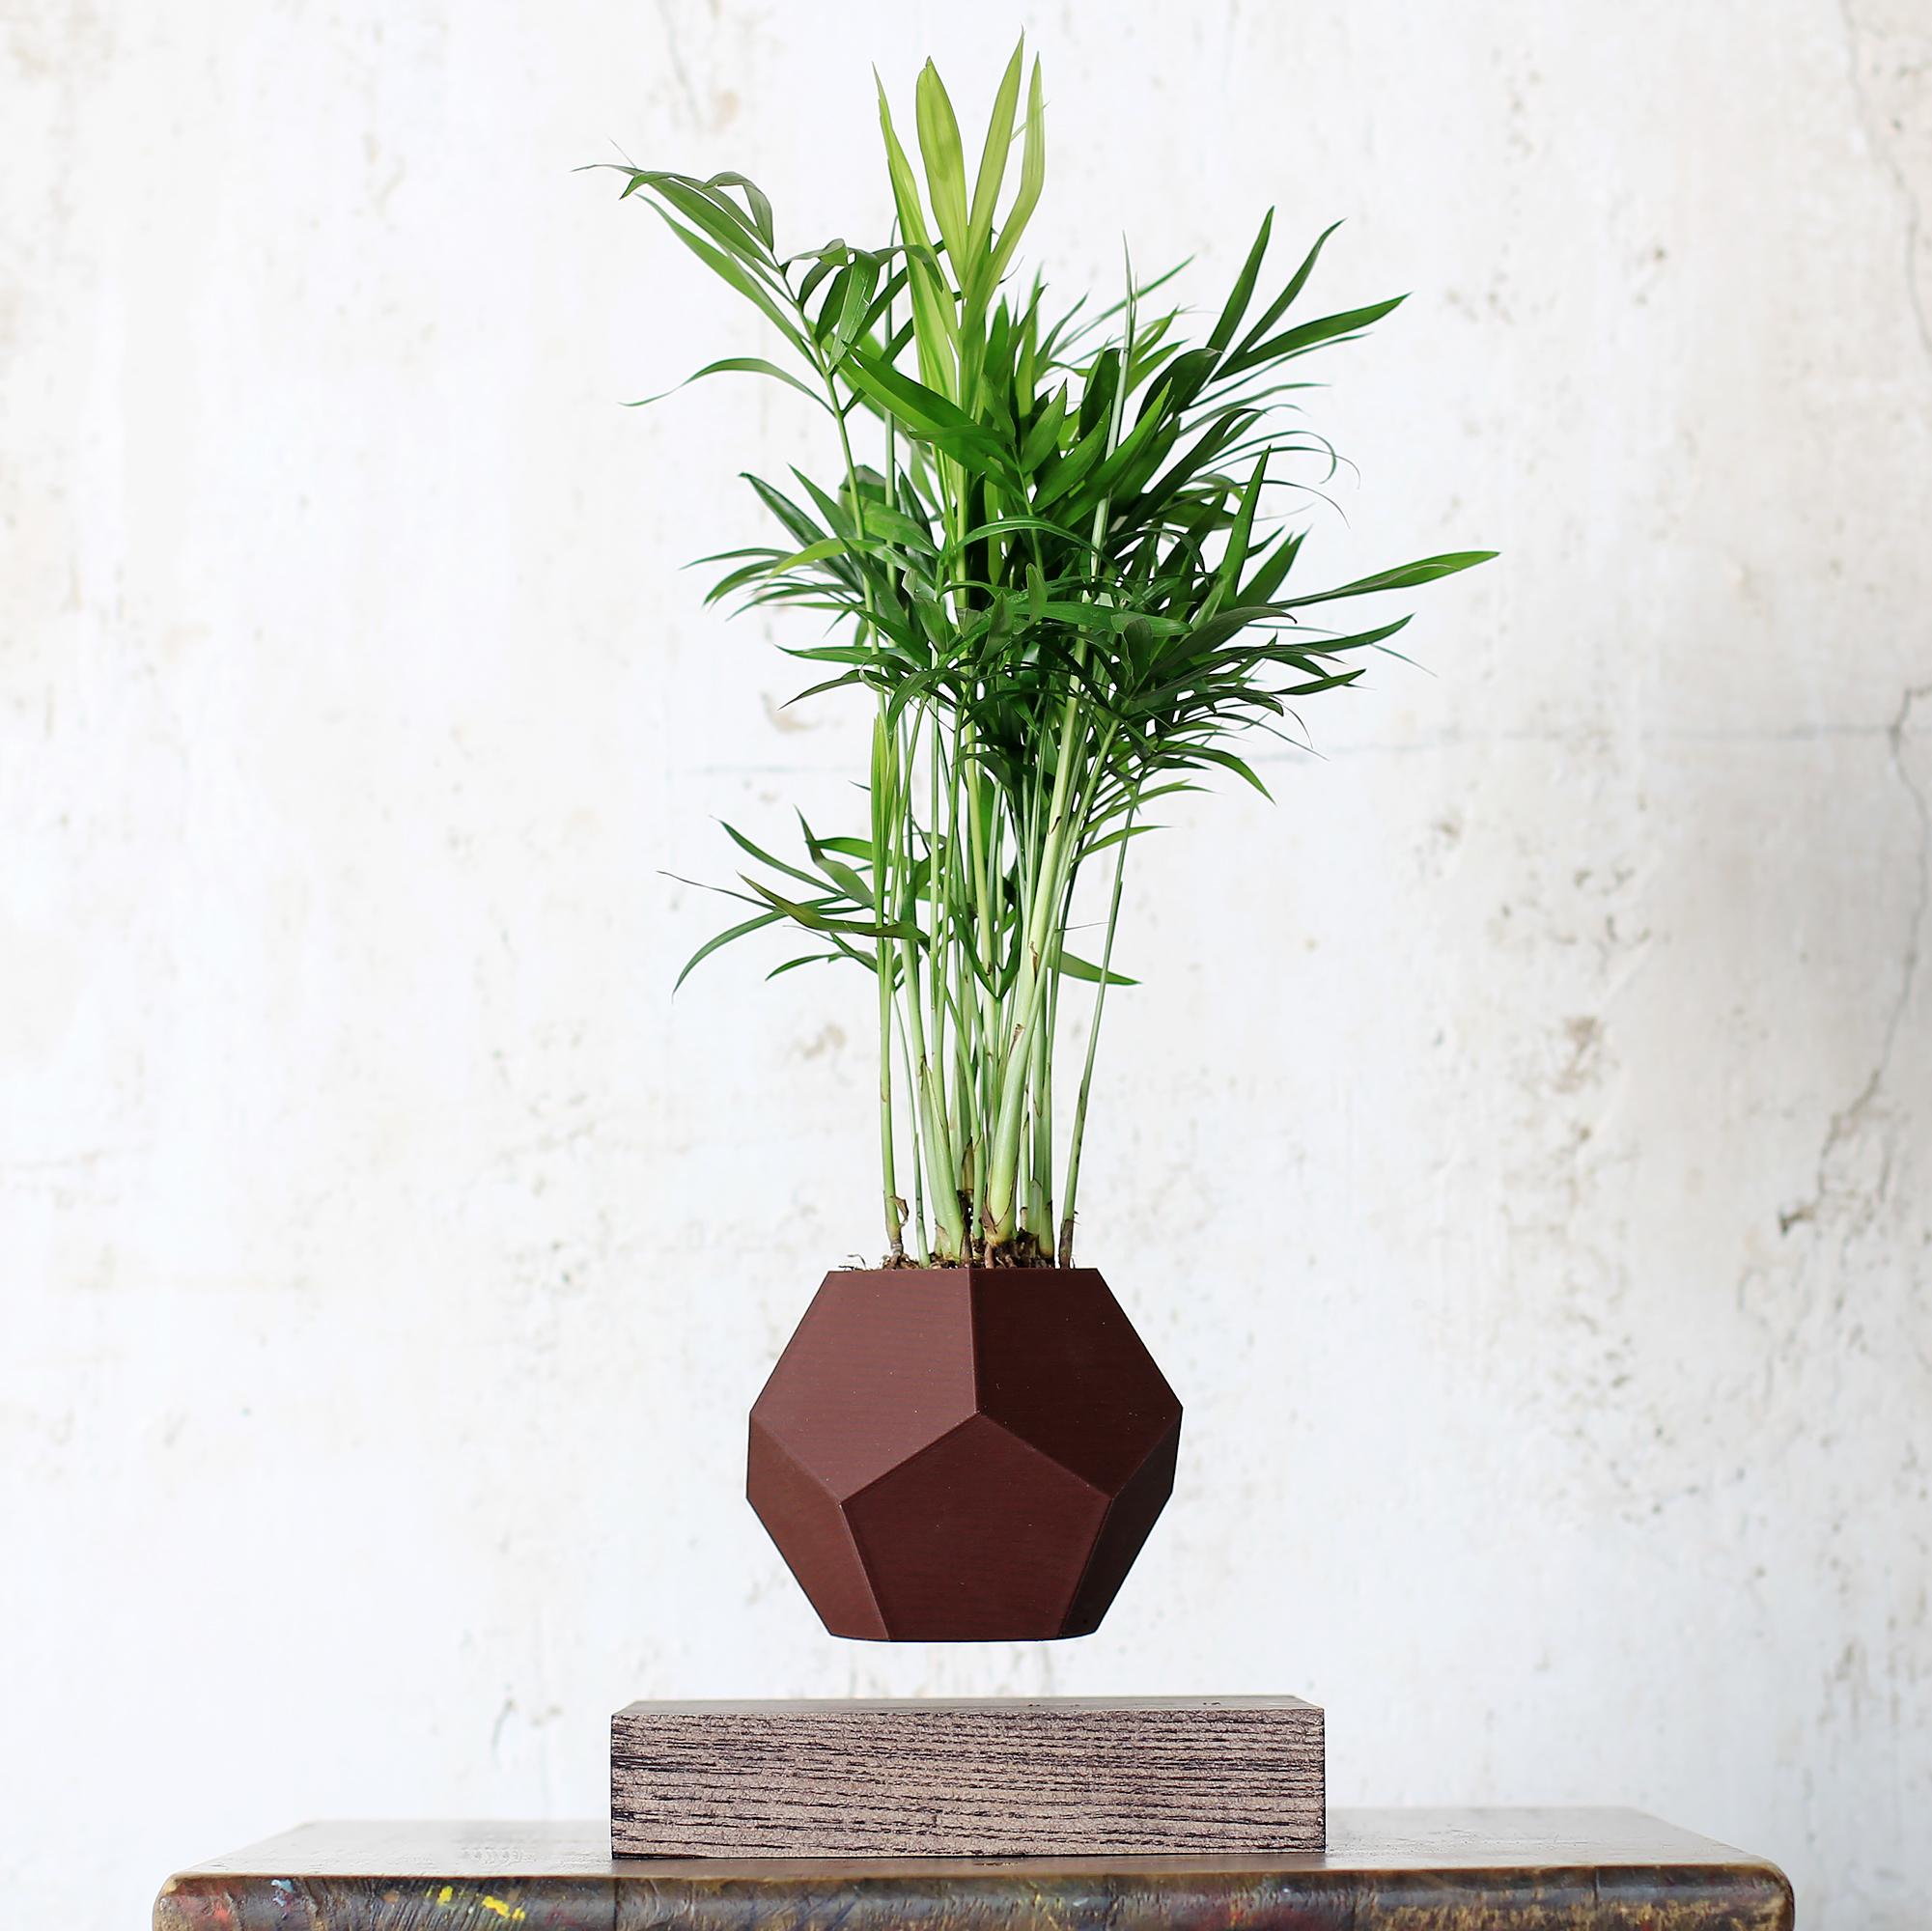 Летающее растение в темном кашпо